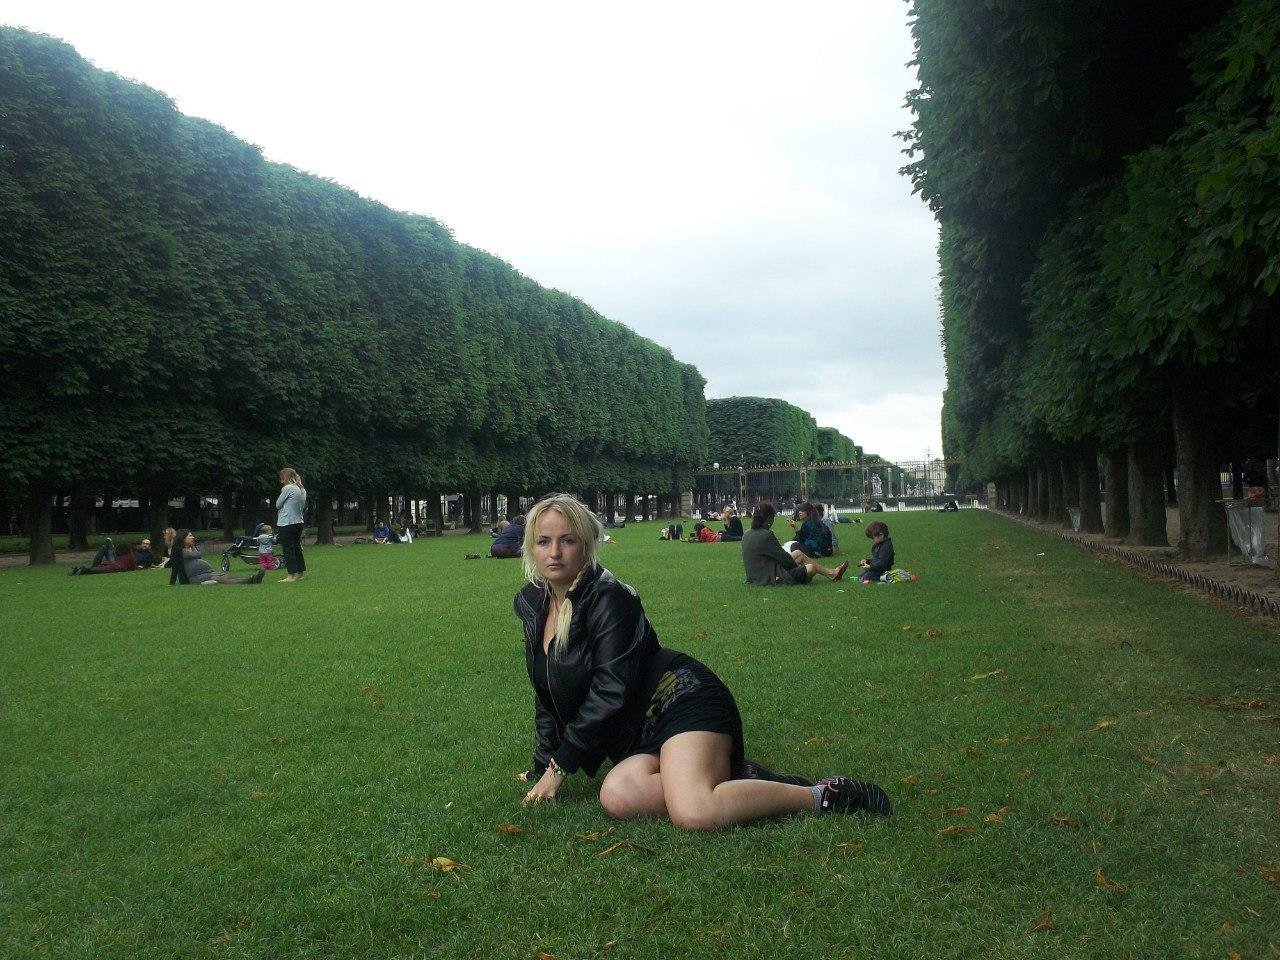 Елена Руденко. Франция. Париж. 2013 г. июнь. EXvMUW28wbs